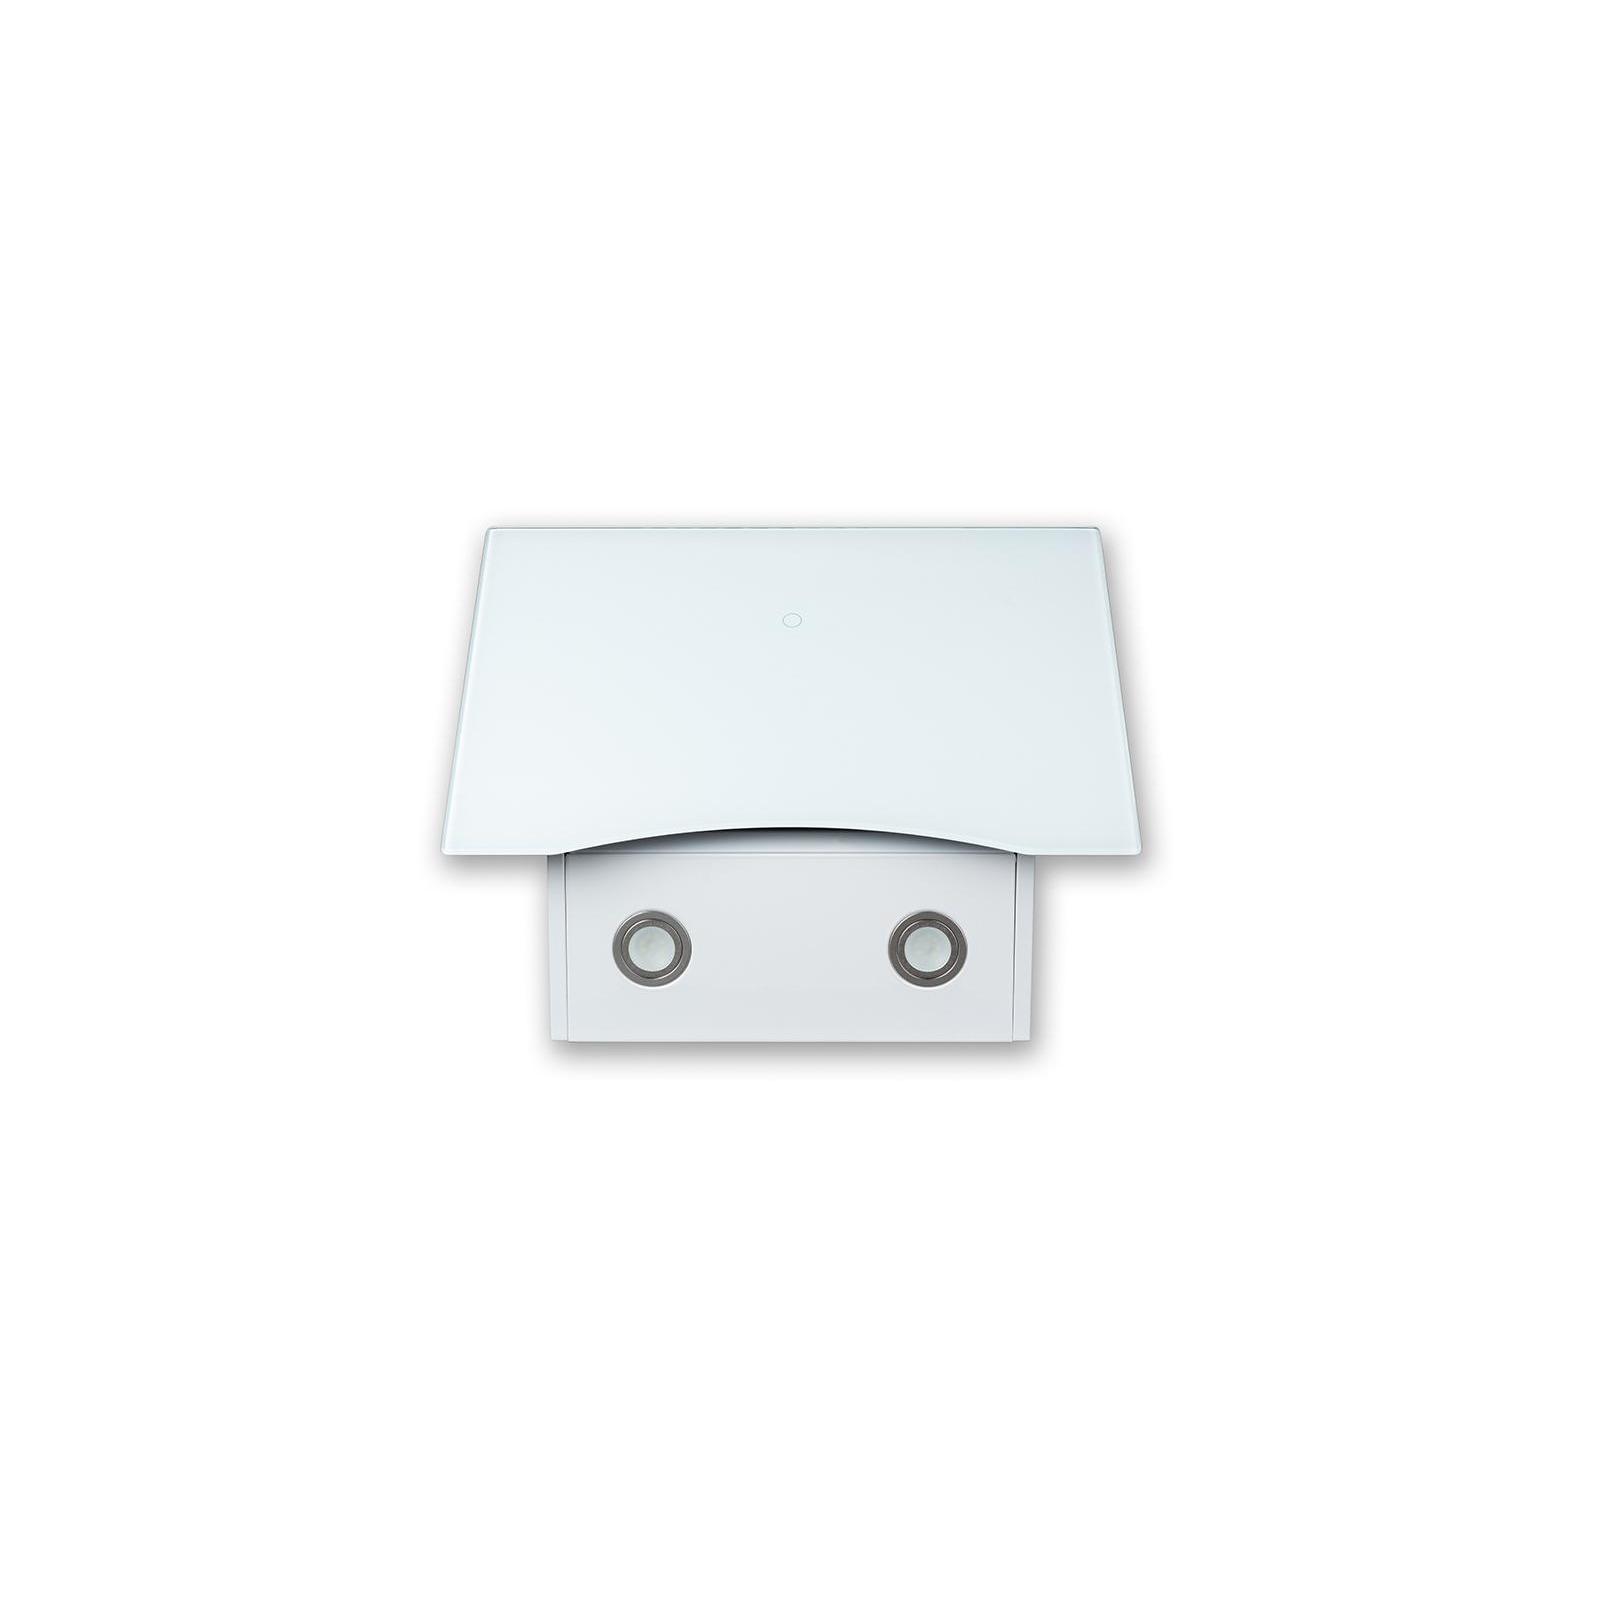 Вытяжка кухонная MINOLA HVS 6612 WH 1000 LED изображение 5